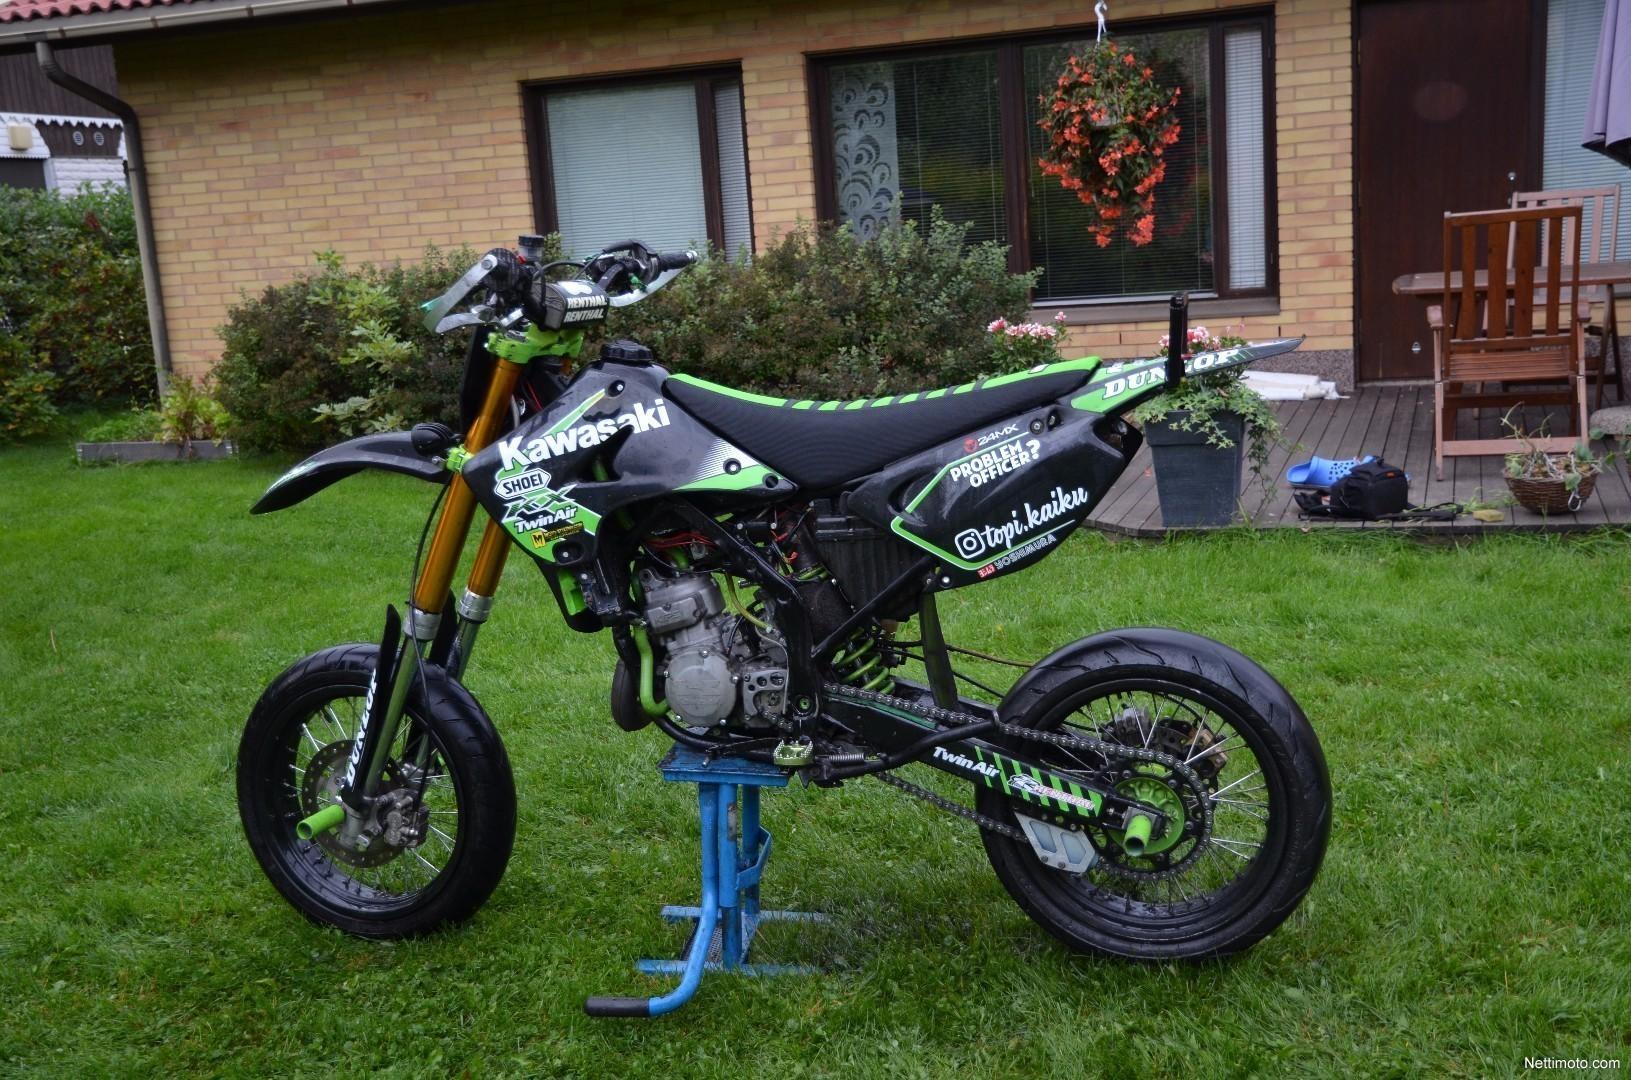 Kawasaki Motorcycle Bd